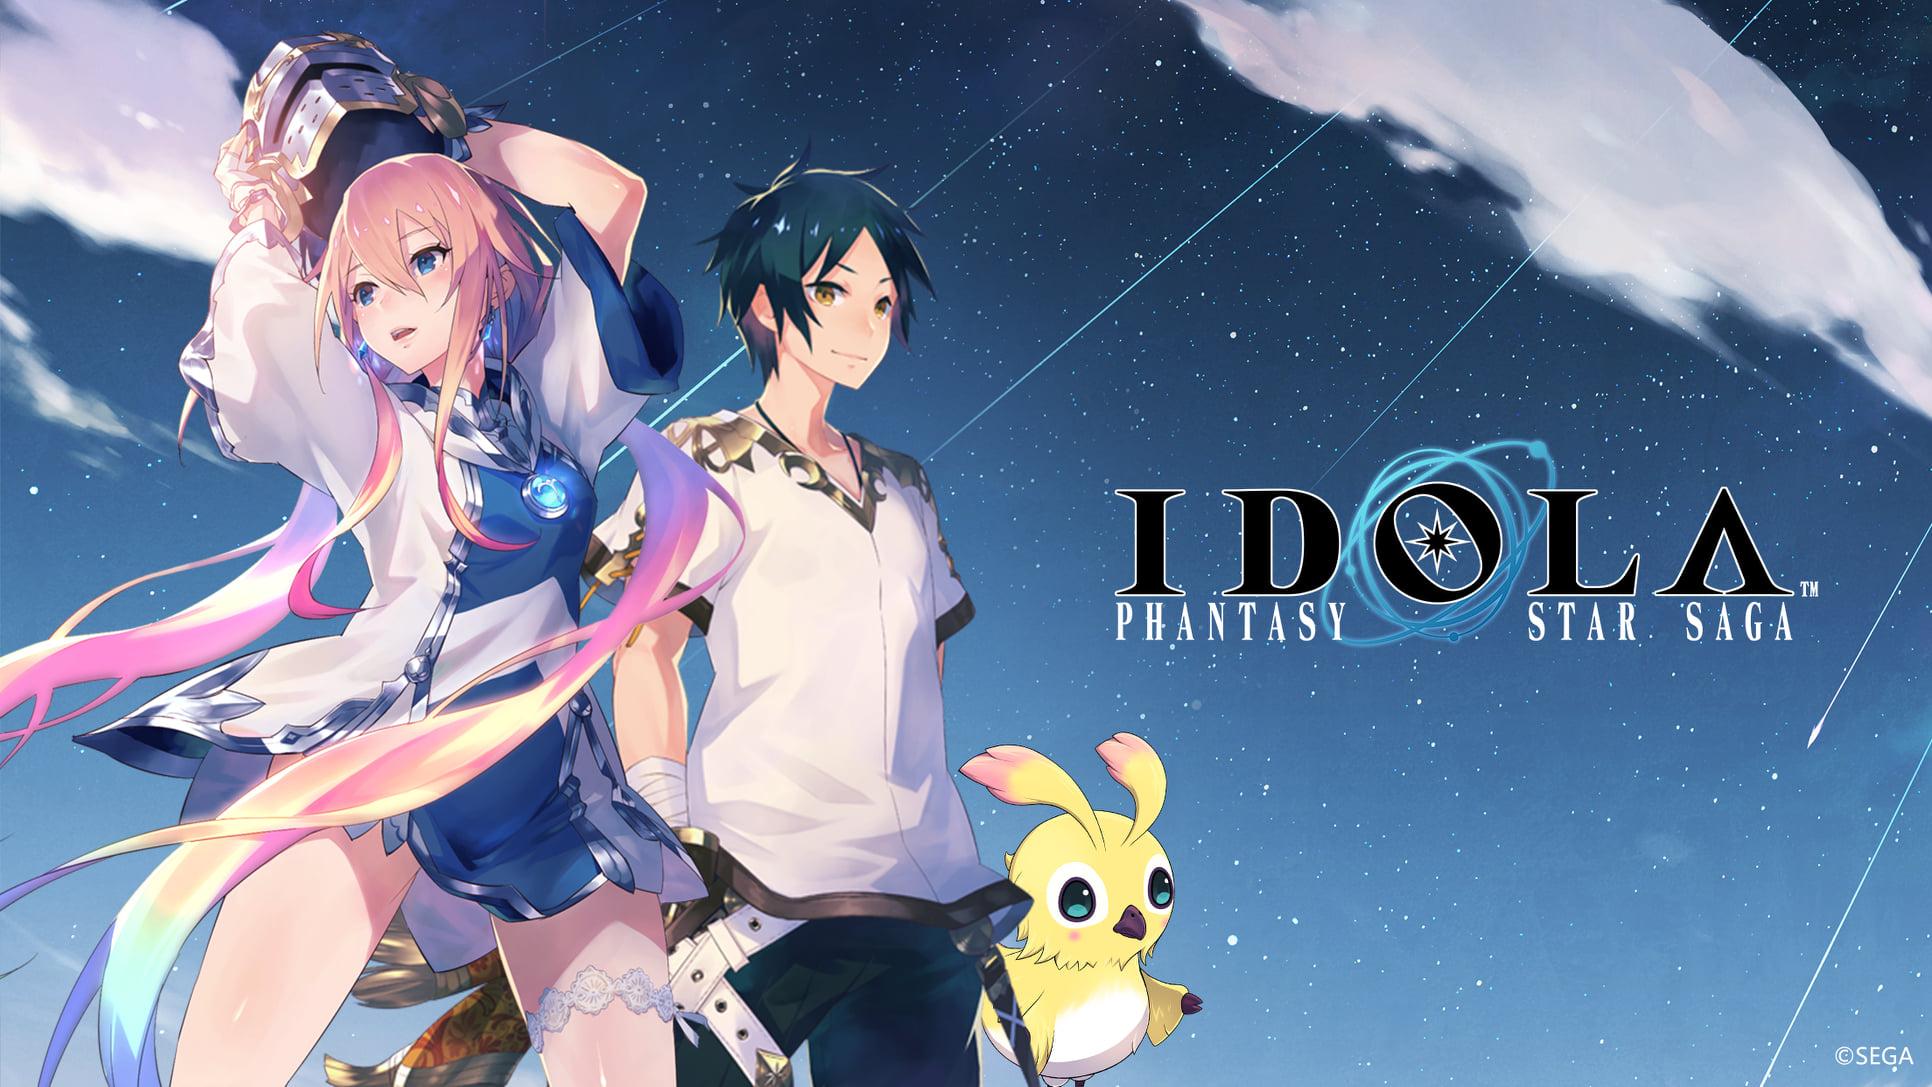 Idola Phantasy Star Saga 582020 1